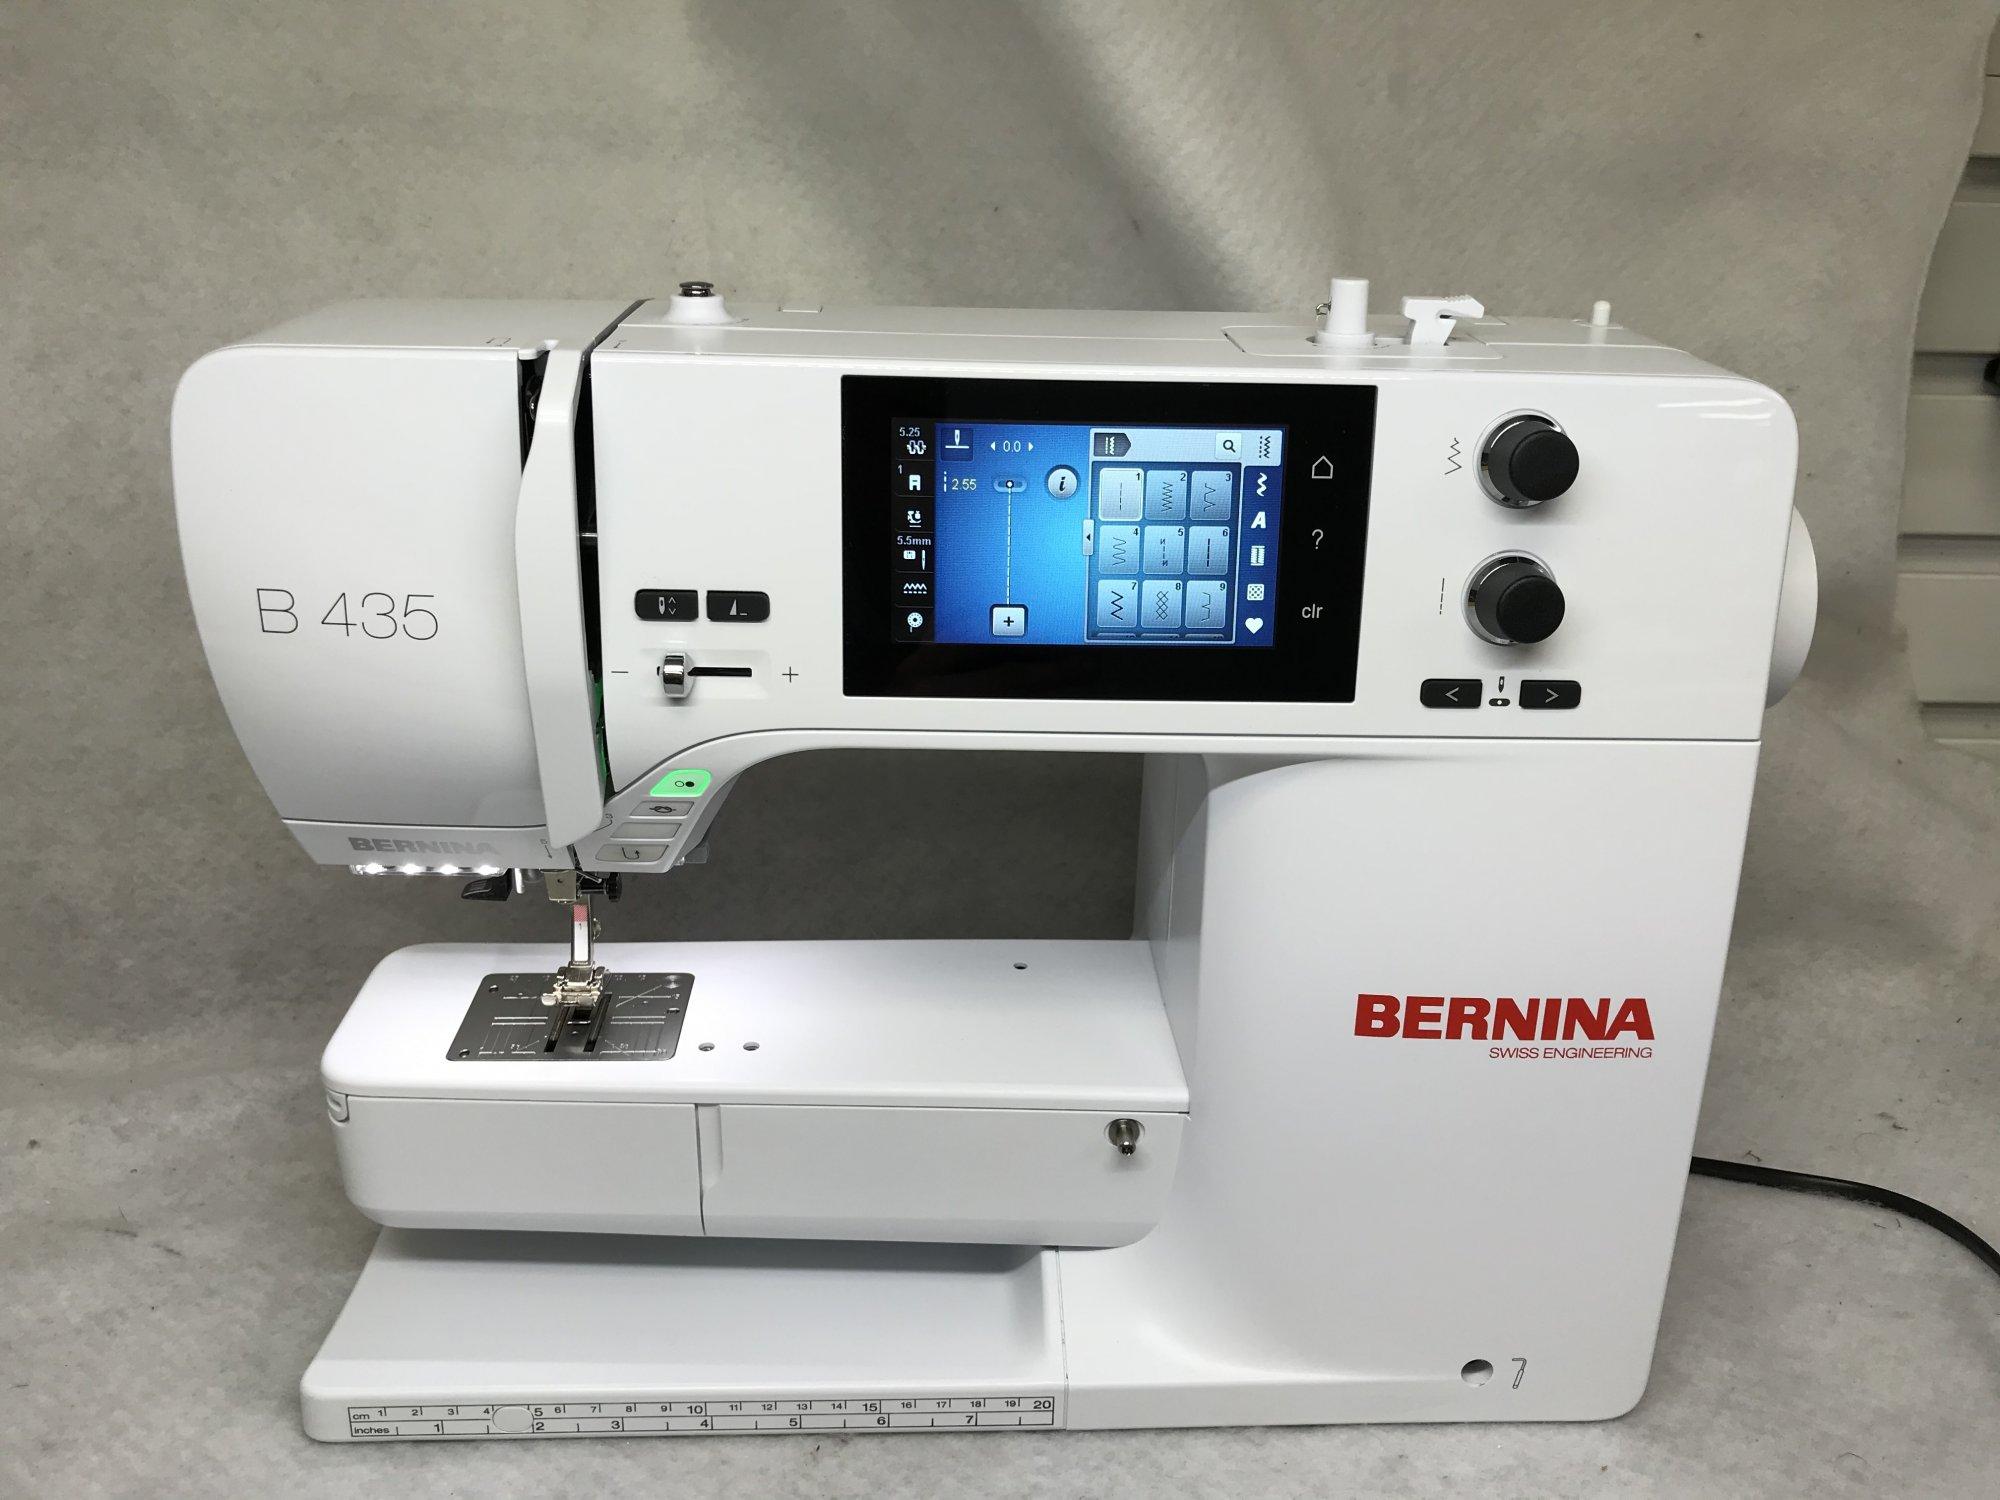 Trade in - Bernina B435 Sewing Machine #43561124322